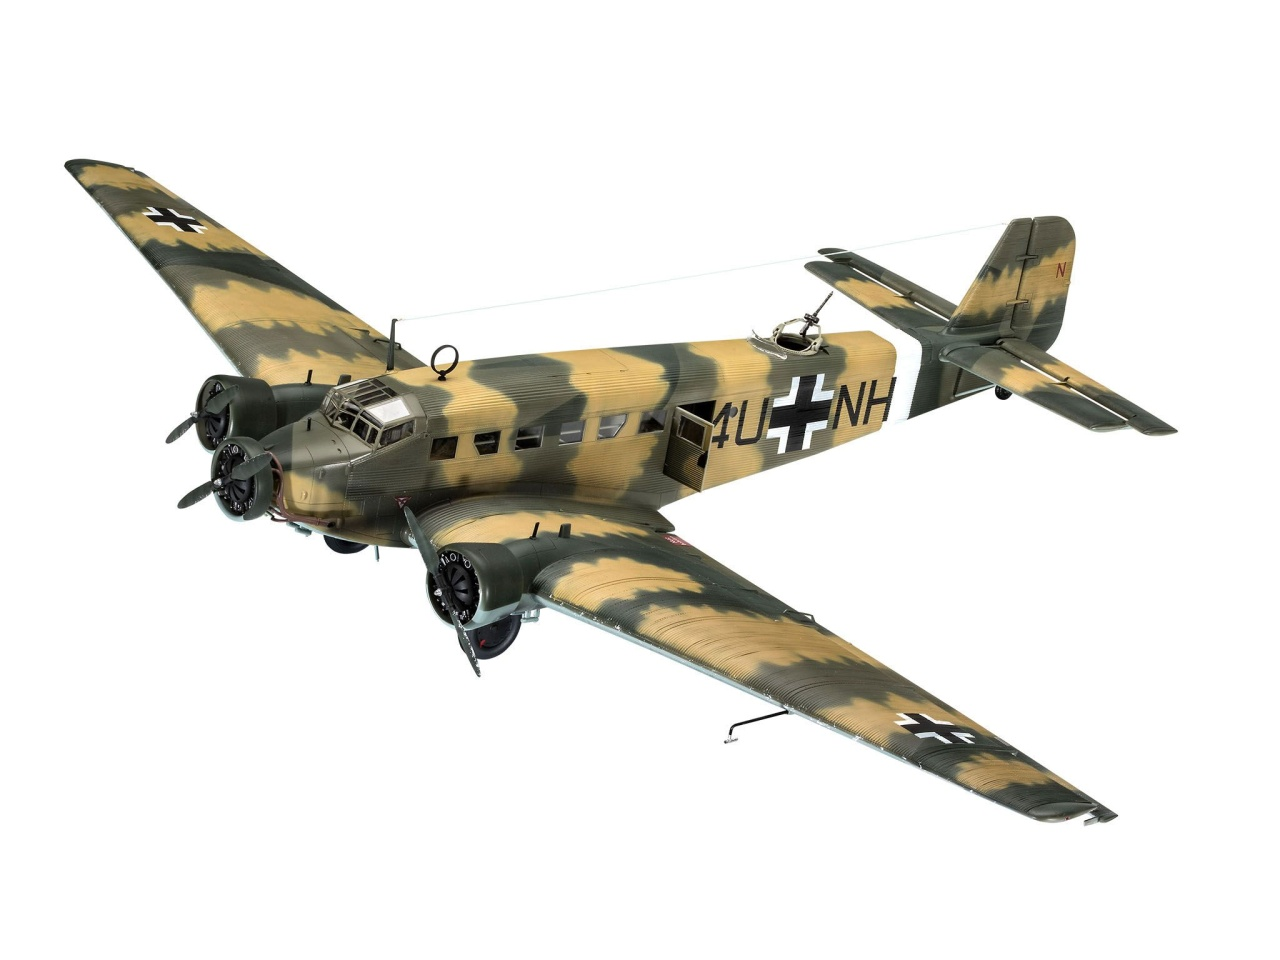 Revell 03918 Junkers Ju52/3mg4e Transport 1:48